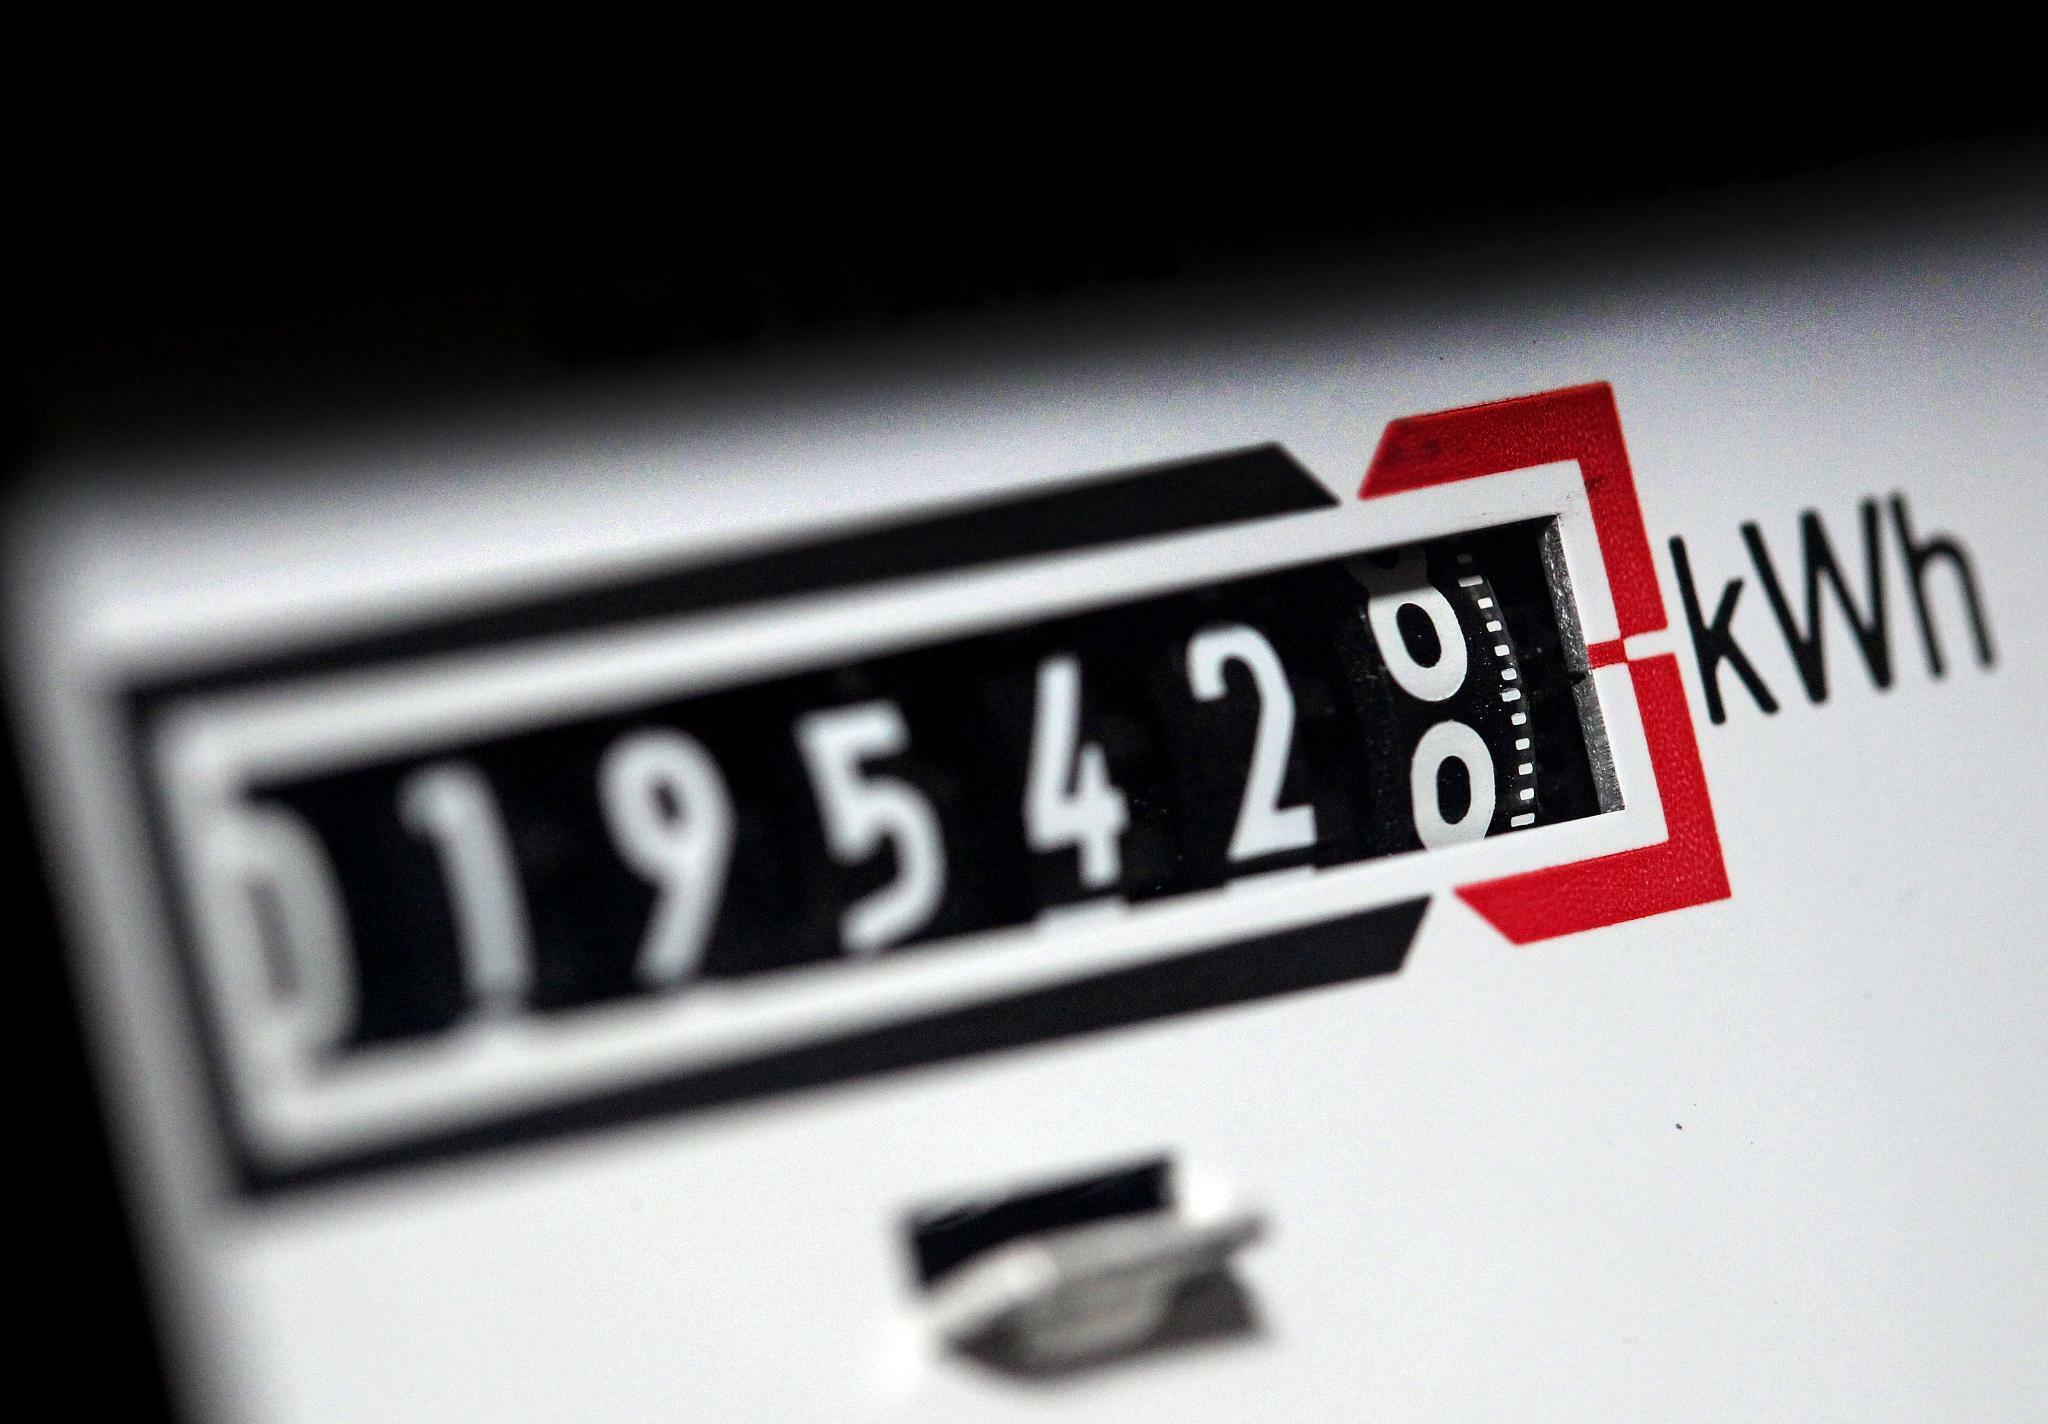 Strom wird teurer: Verbraucherschützer warnen vor falschem Signal